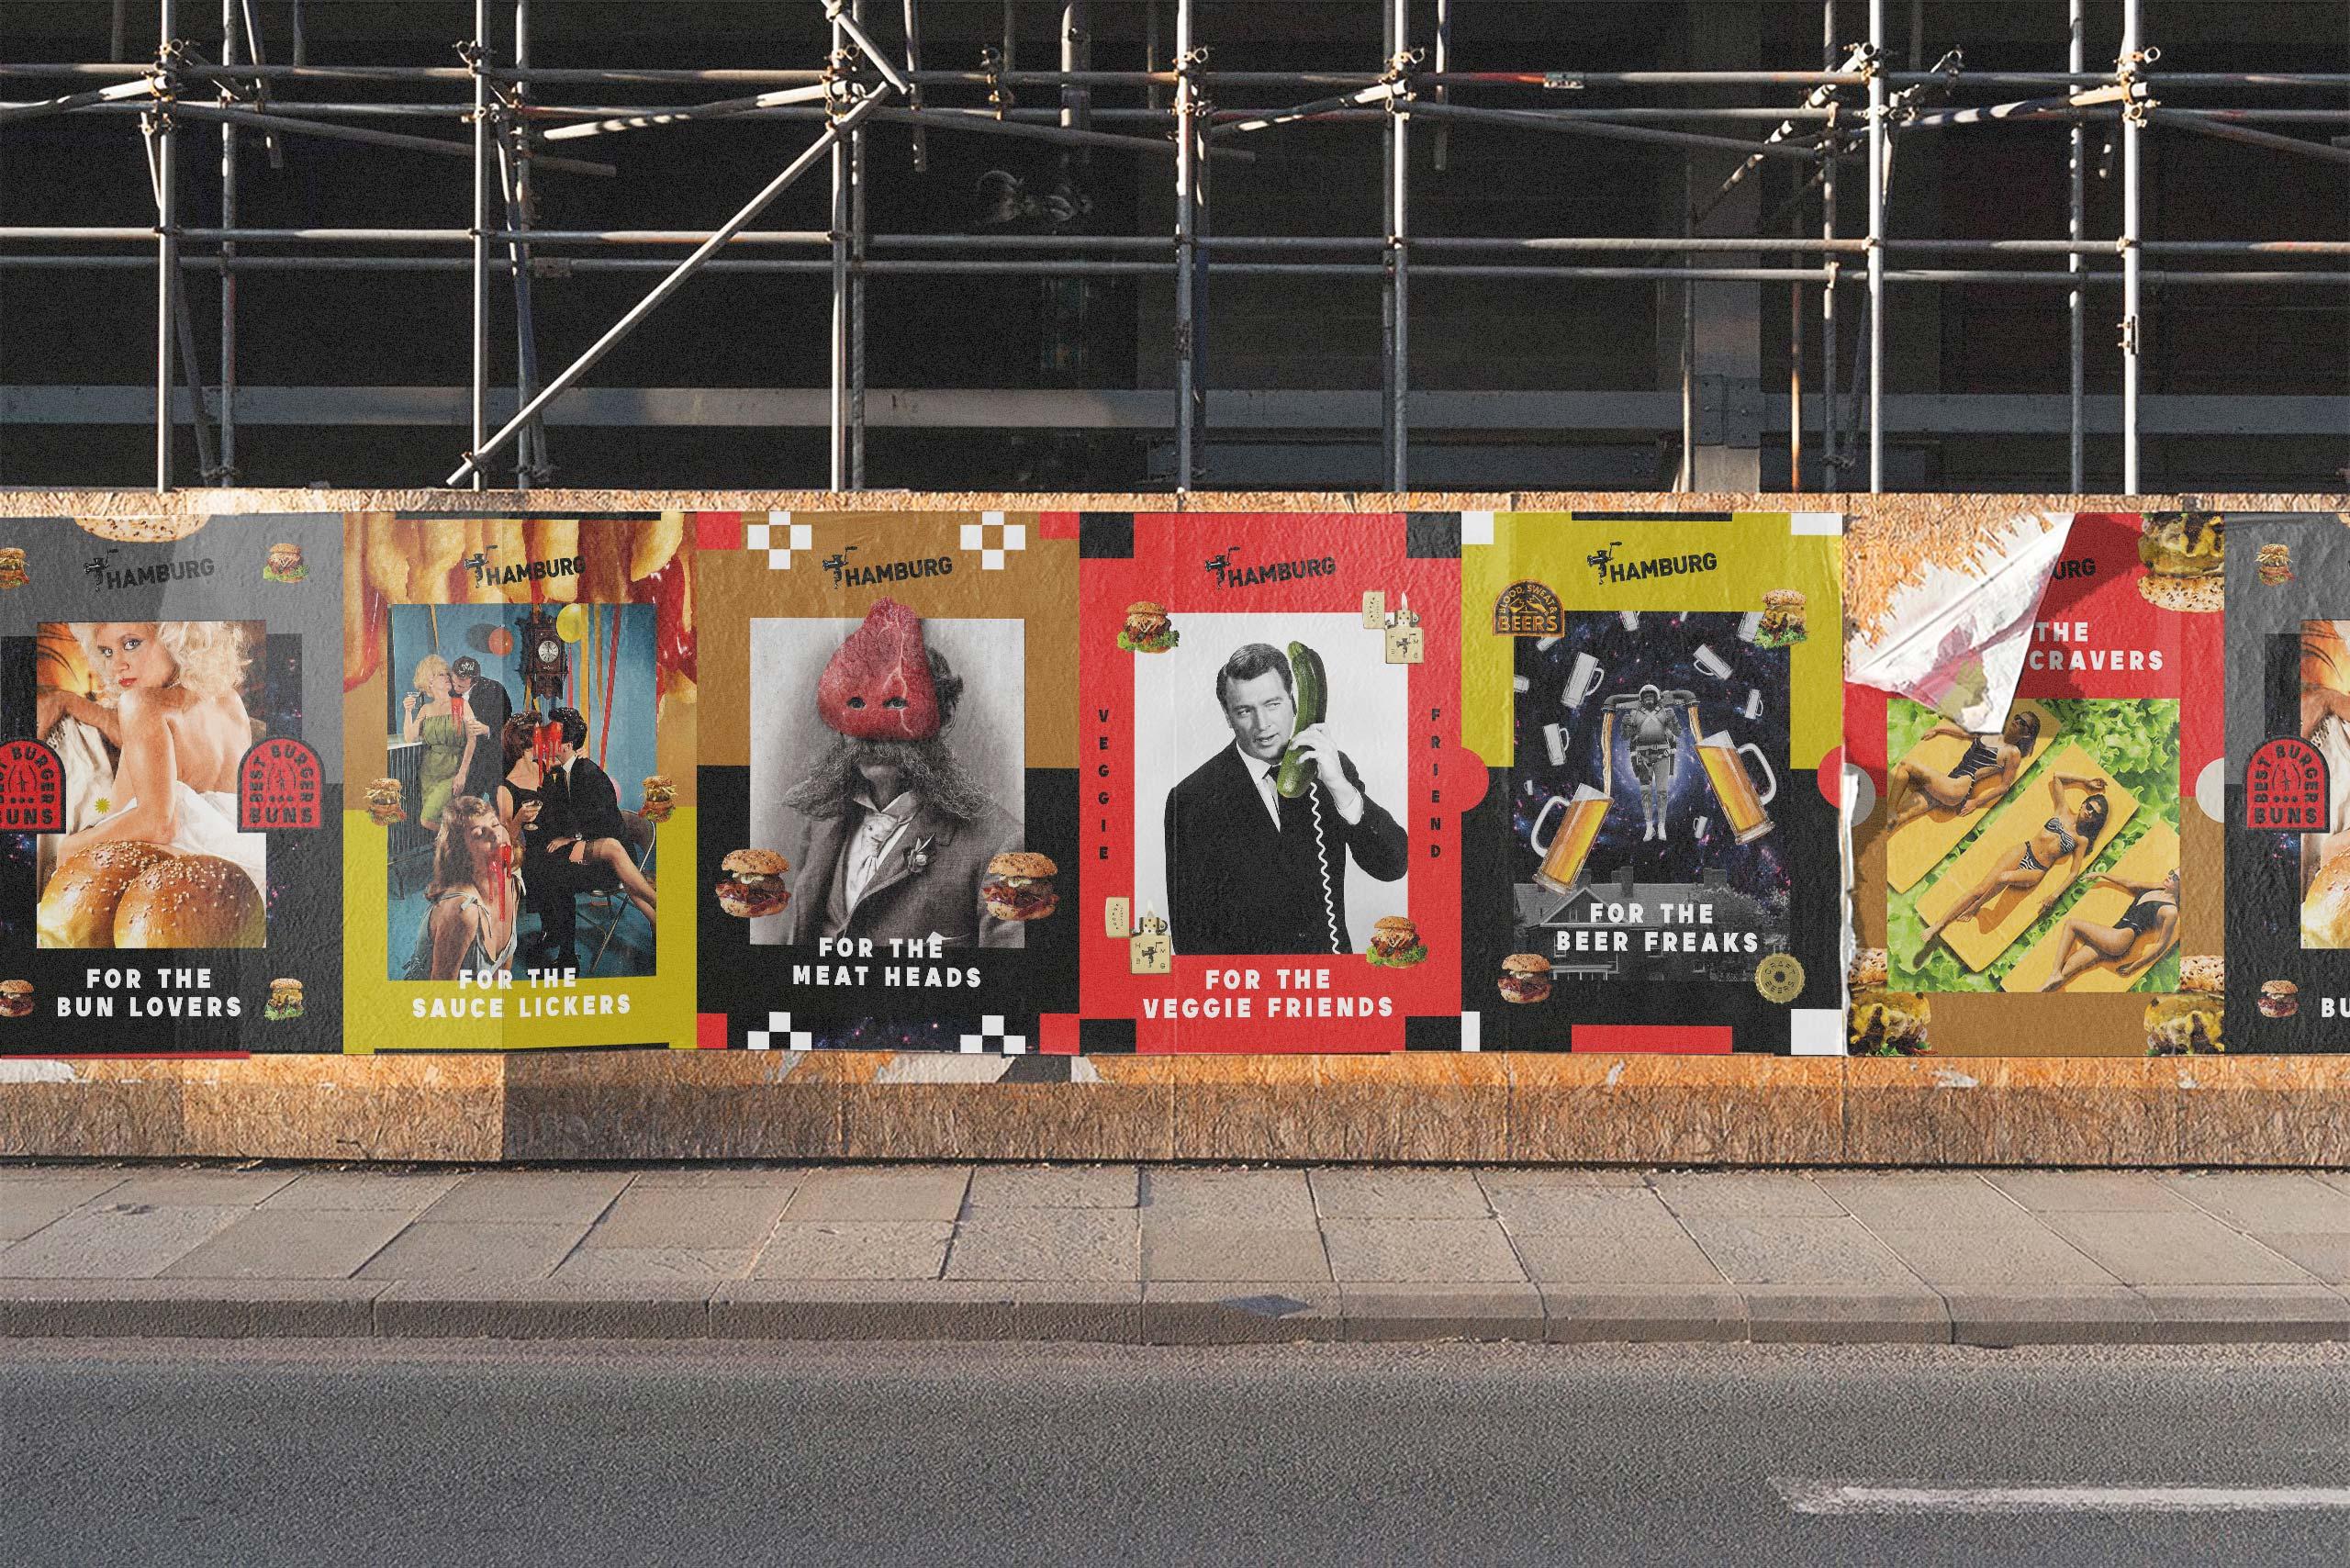 Hamburg posters